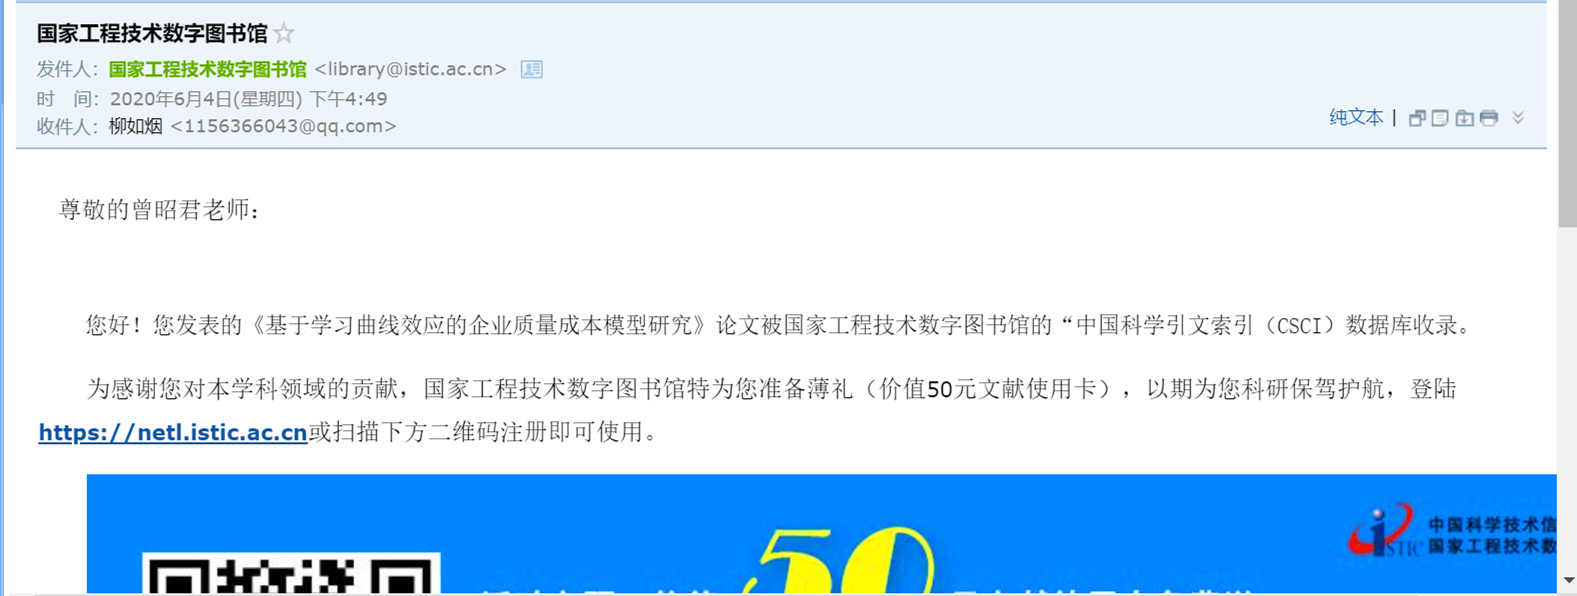 优德88casino副总裁曾昭君论文入选中国科学引文索引(CSCI)数据库